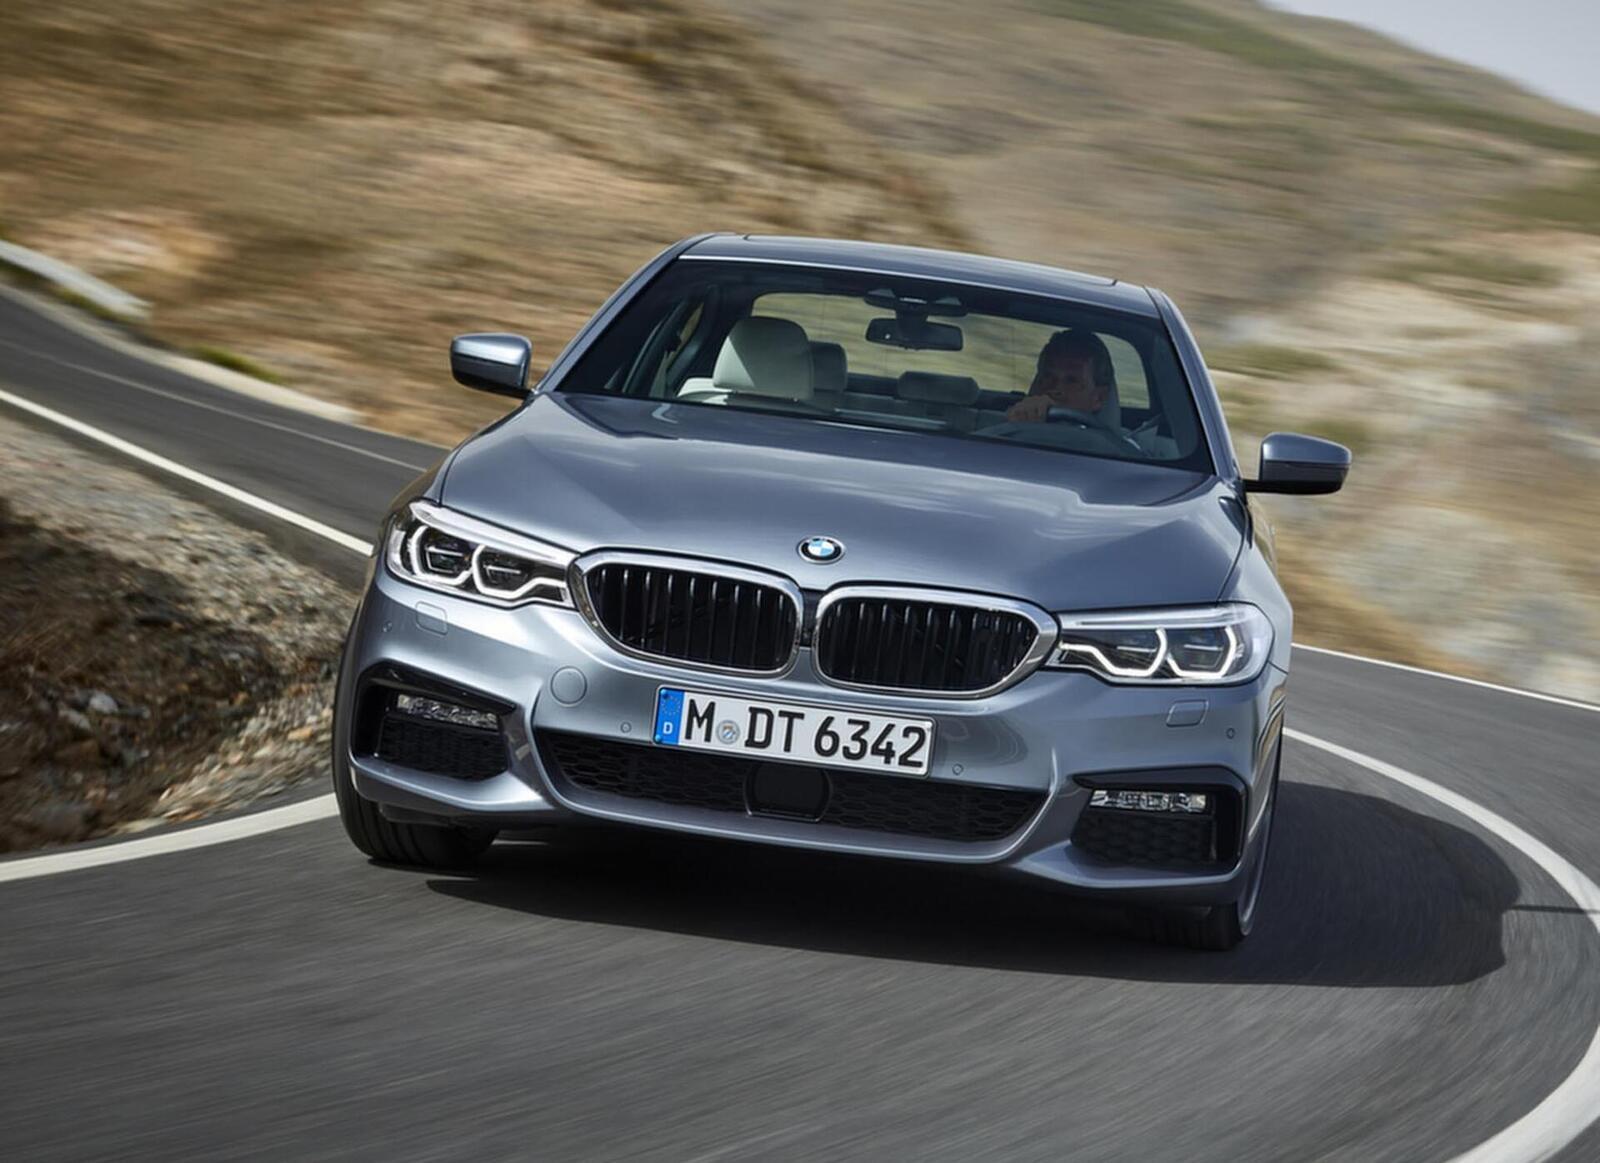 Lộ giá bán của BMW 520i và 530i thế hệ mới tại Việt Nam; từ 2,389 đến 3,069 tỷ đồng - Hình 6